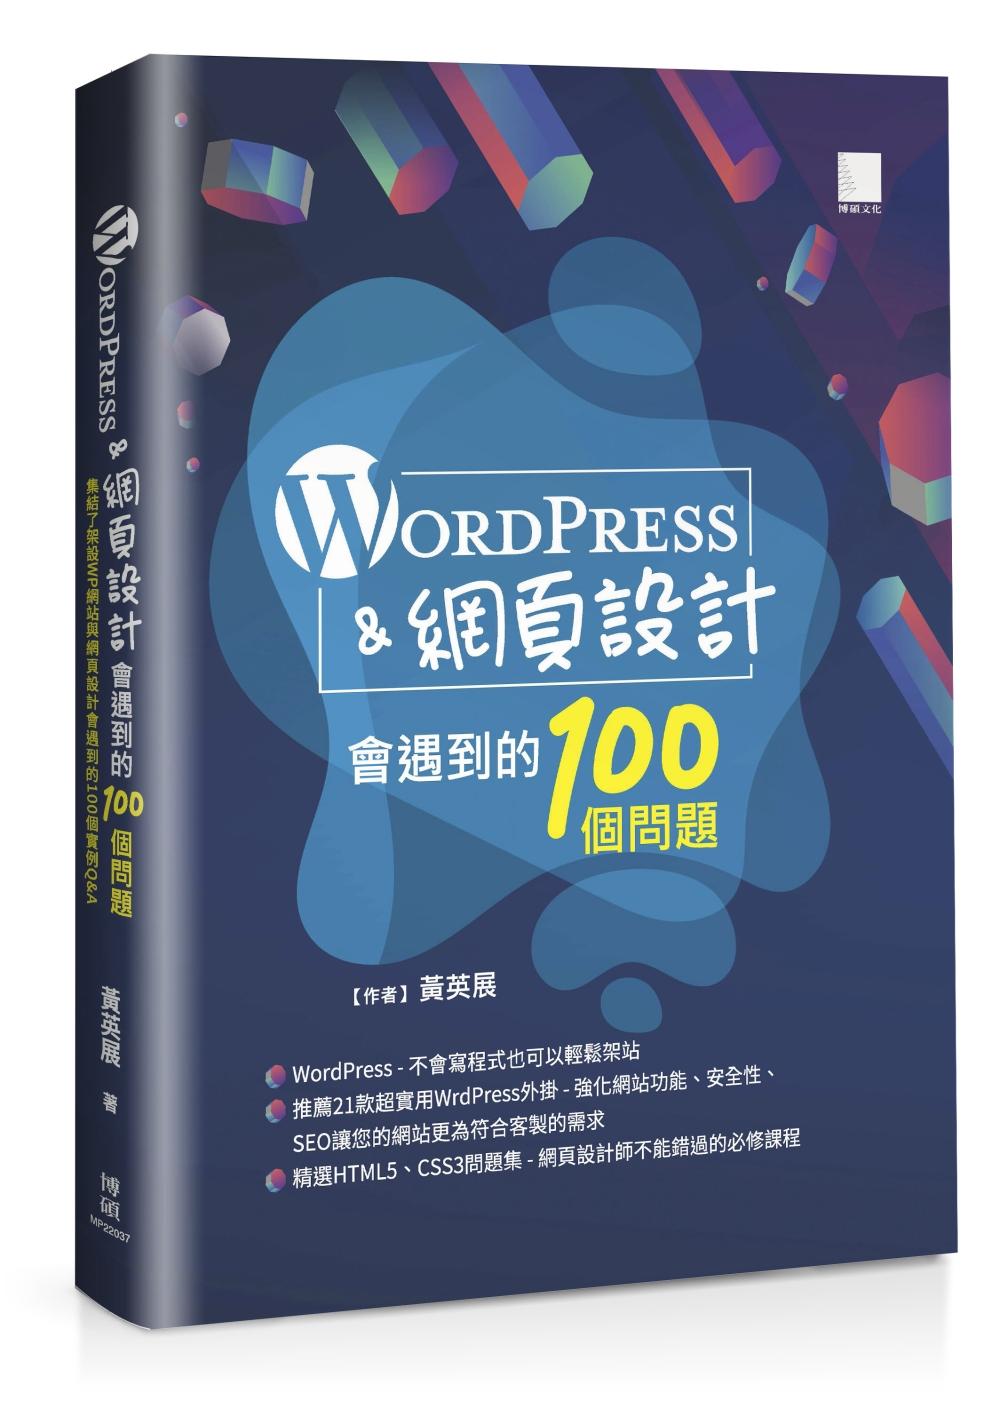 WordPress&網頁設計會遇到的100個問題